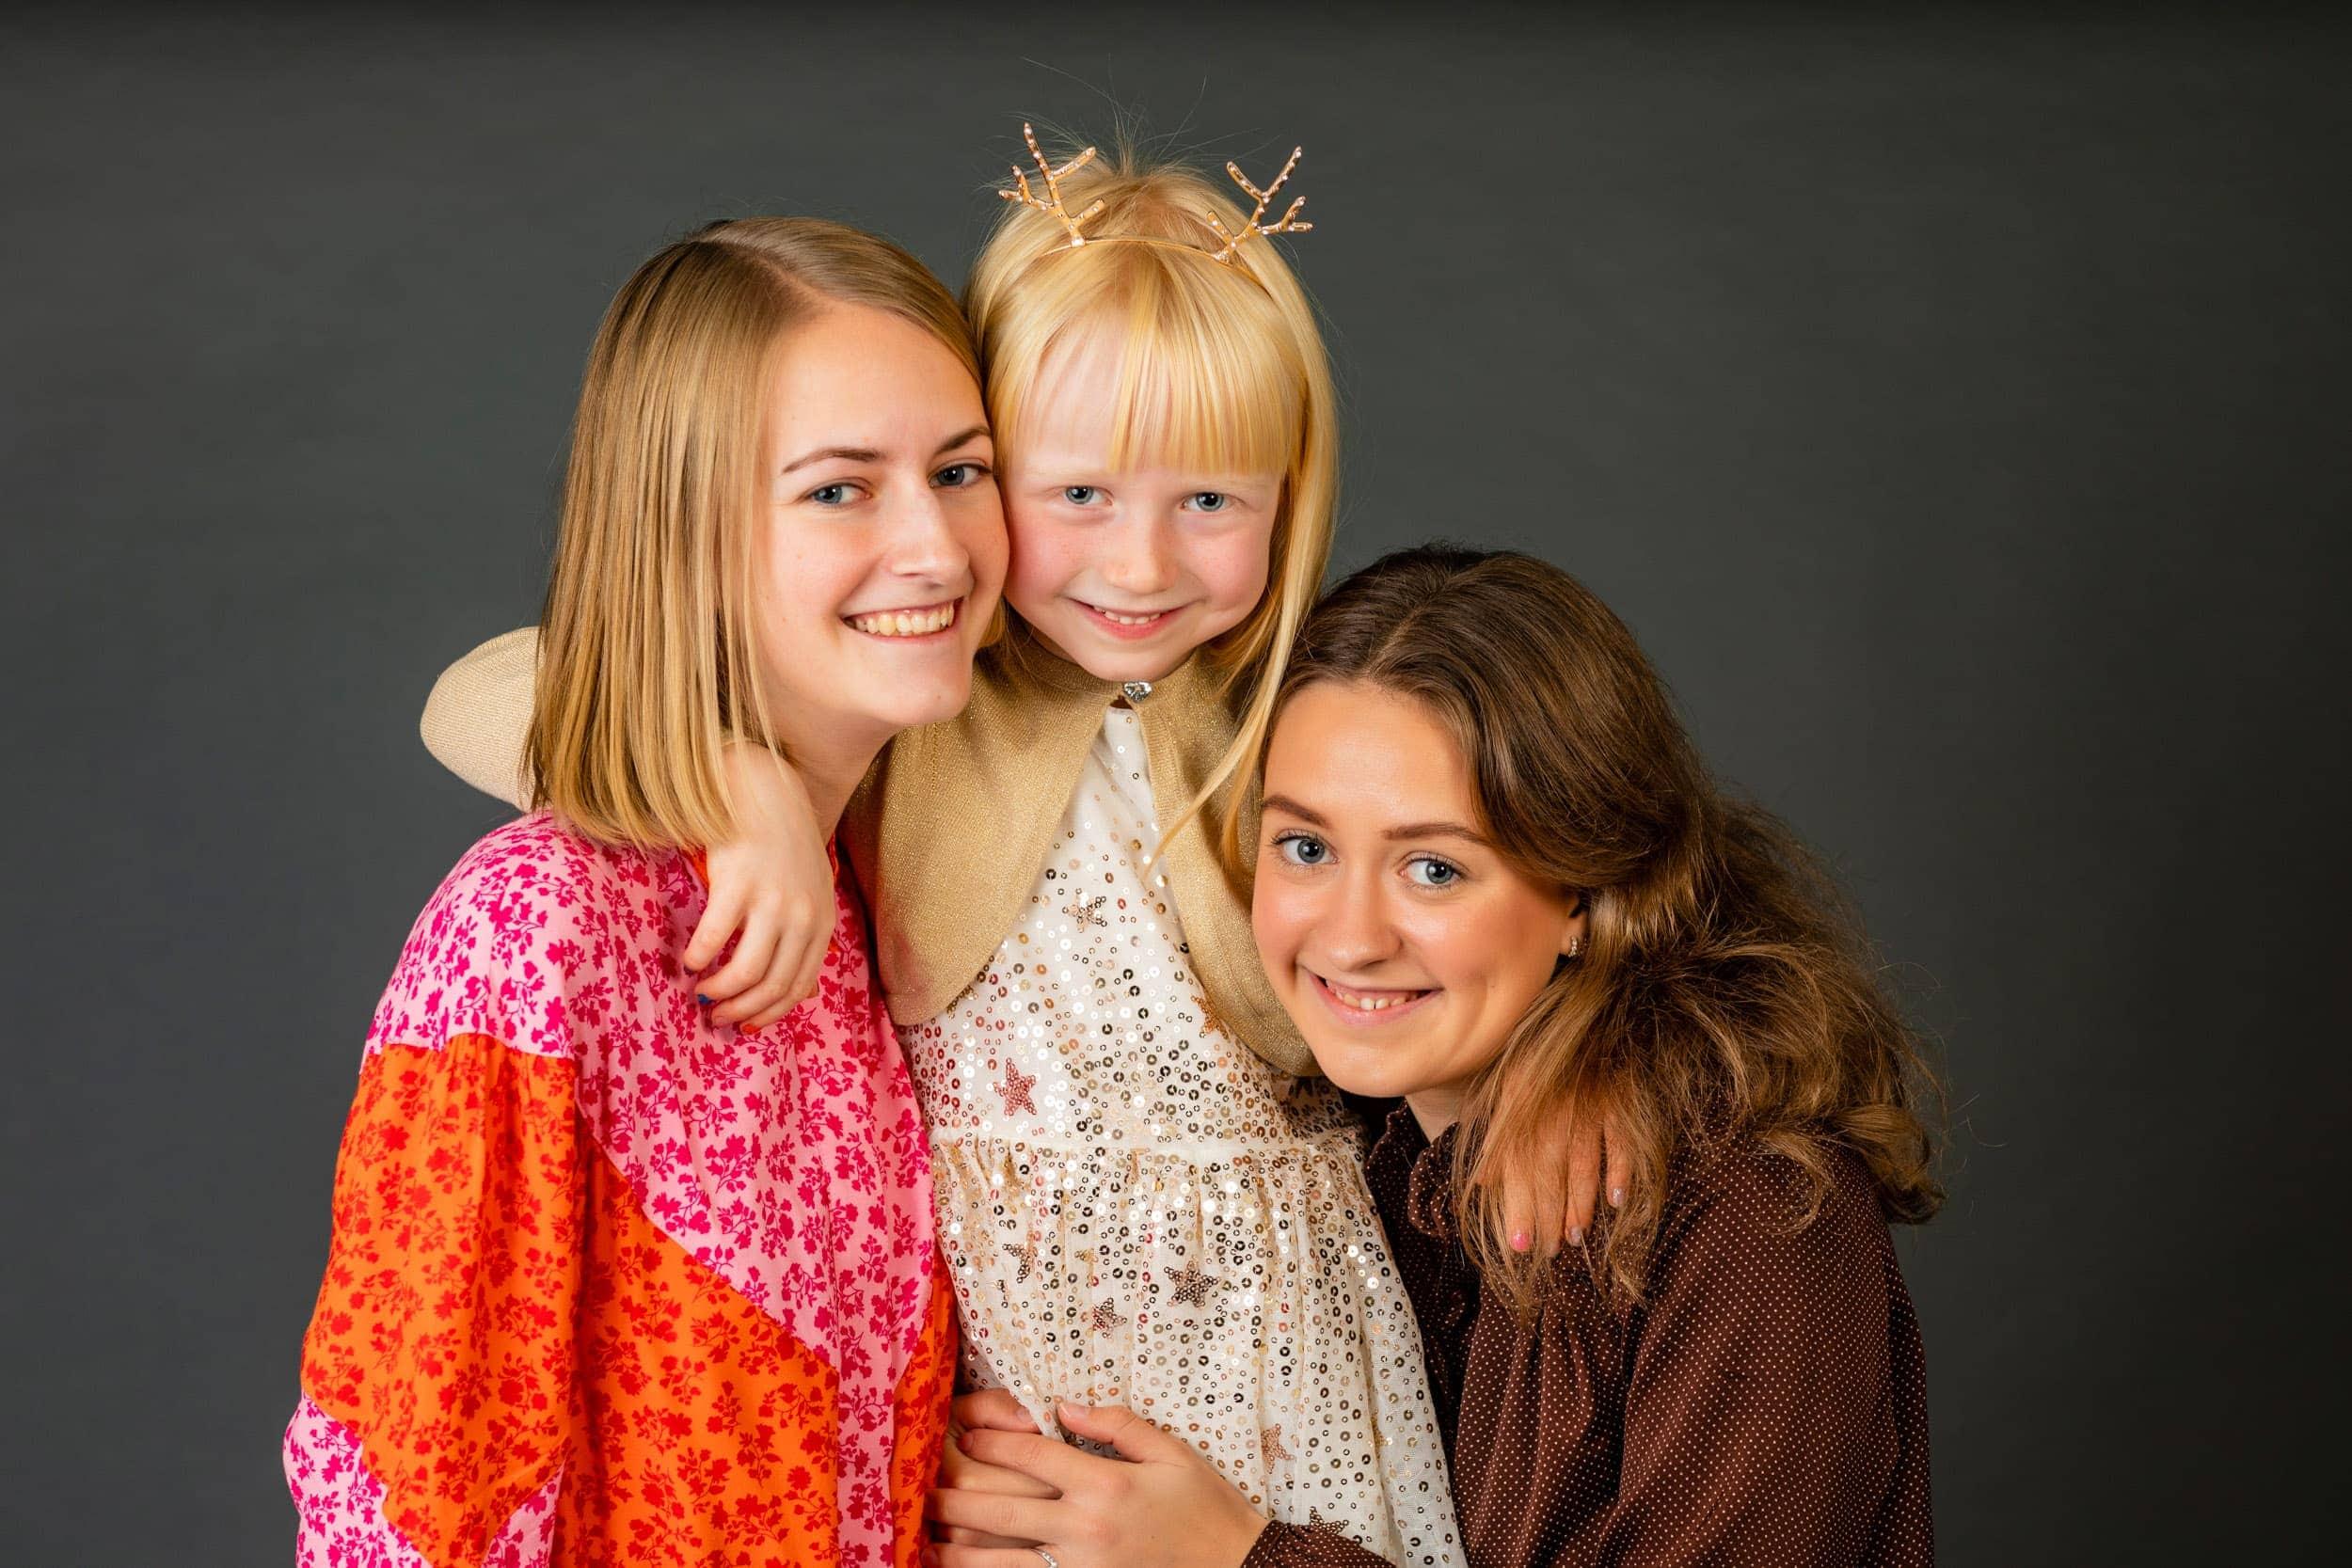 Søskende billede 1